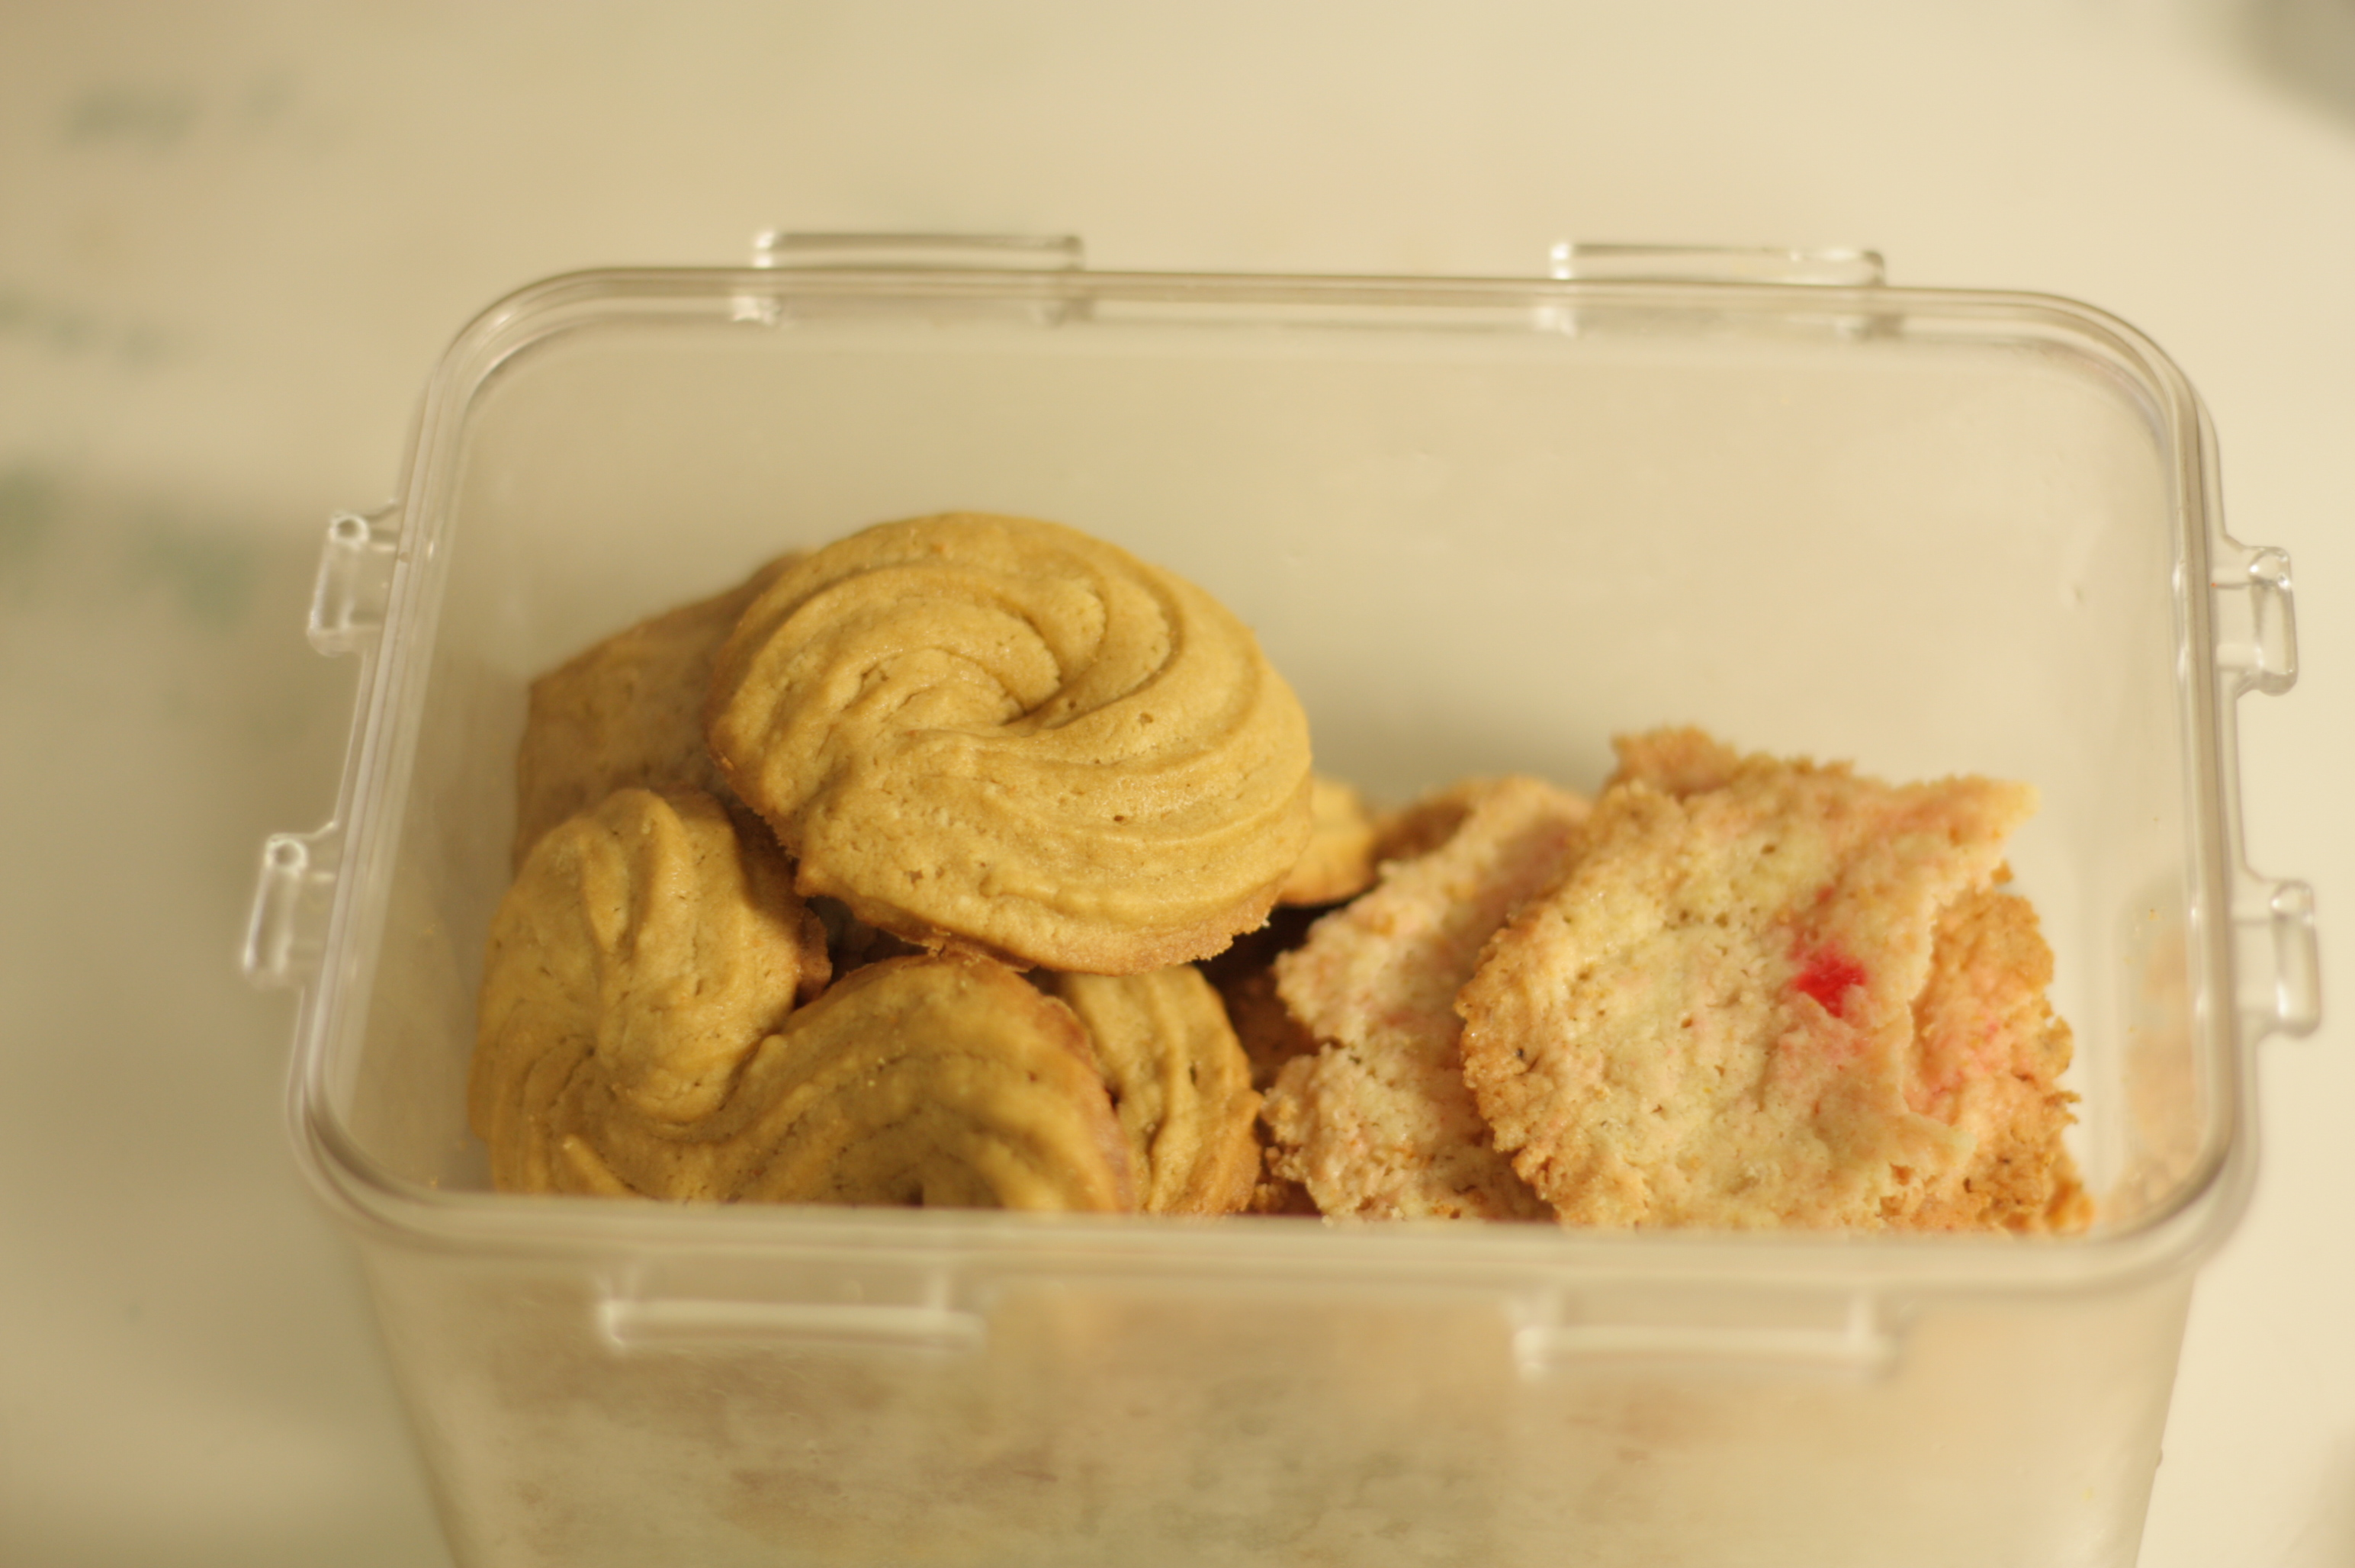 마가린으로 쿠키를 구웠다